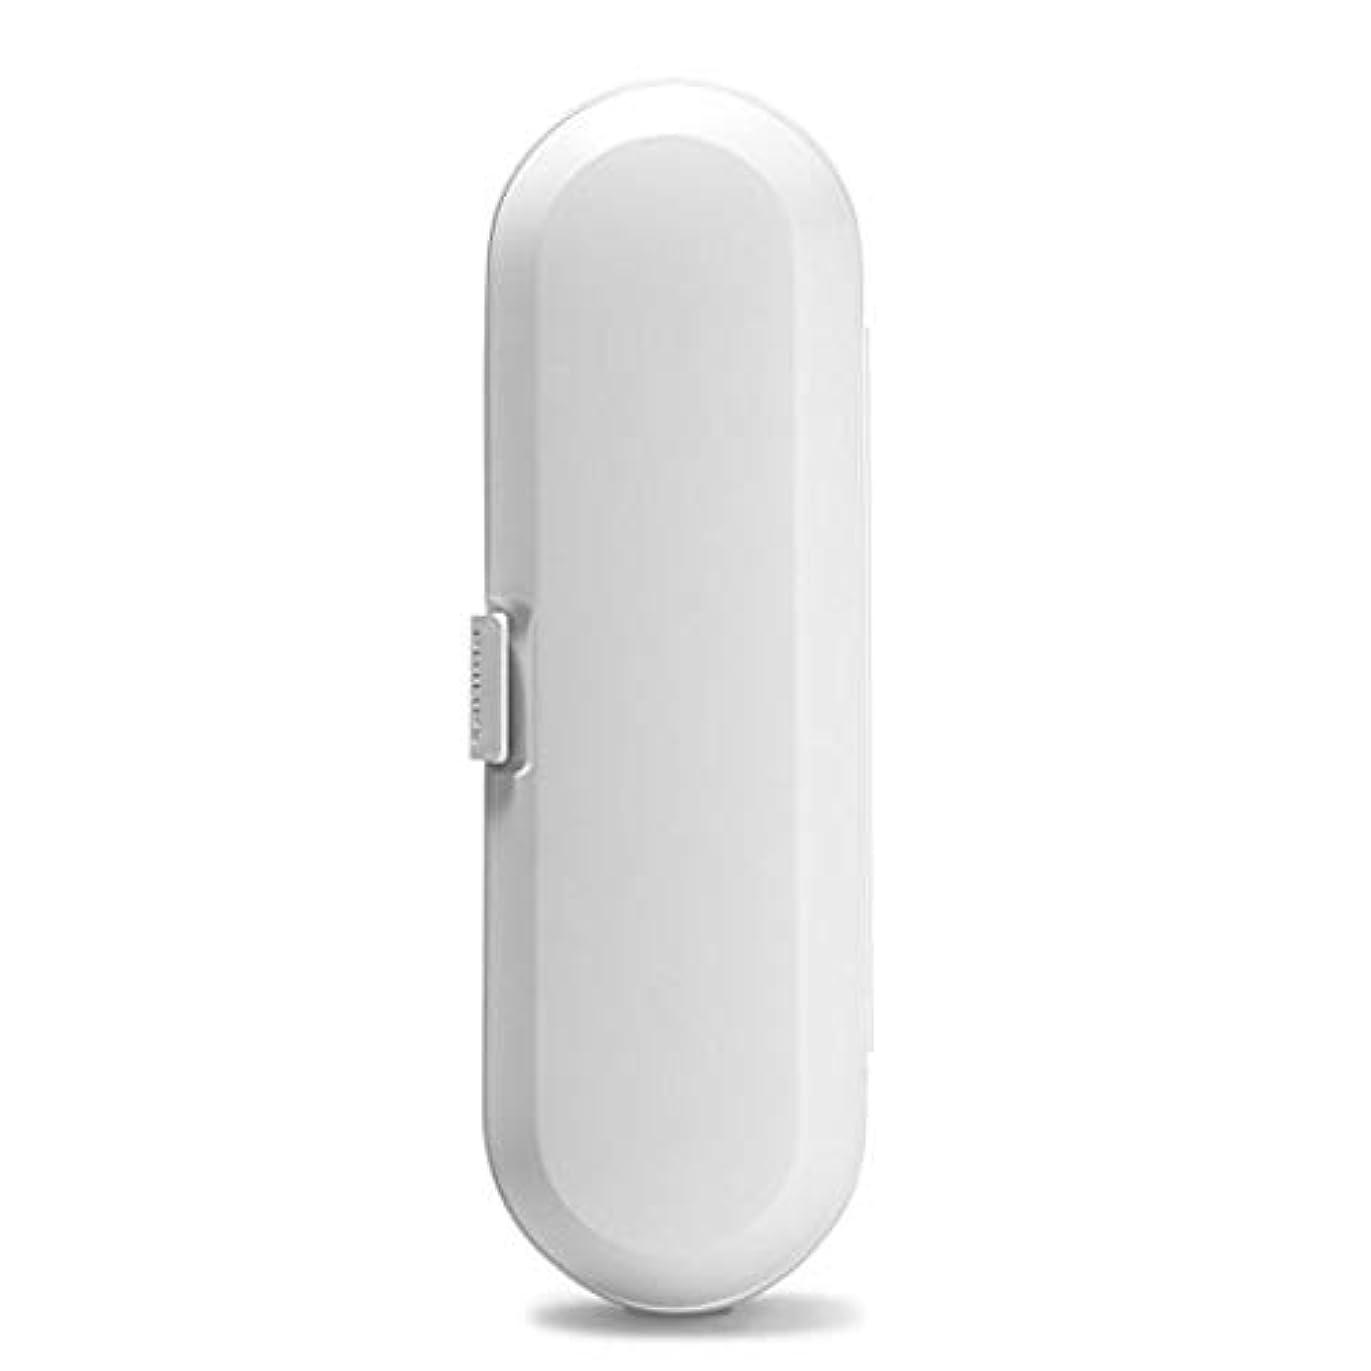 謝罪するナサニエル区バイパスPhilips Sonicare Flexcare & Healthy White Plastic Travel Case by Philips [並行輸入品]